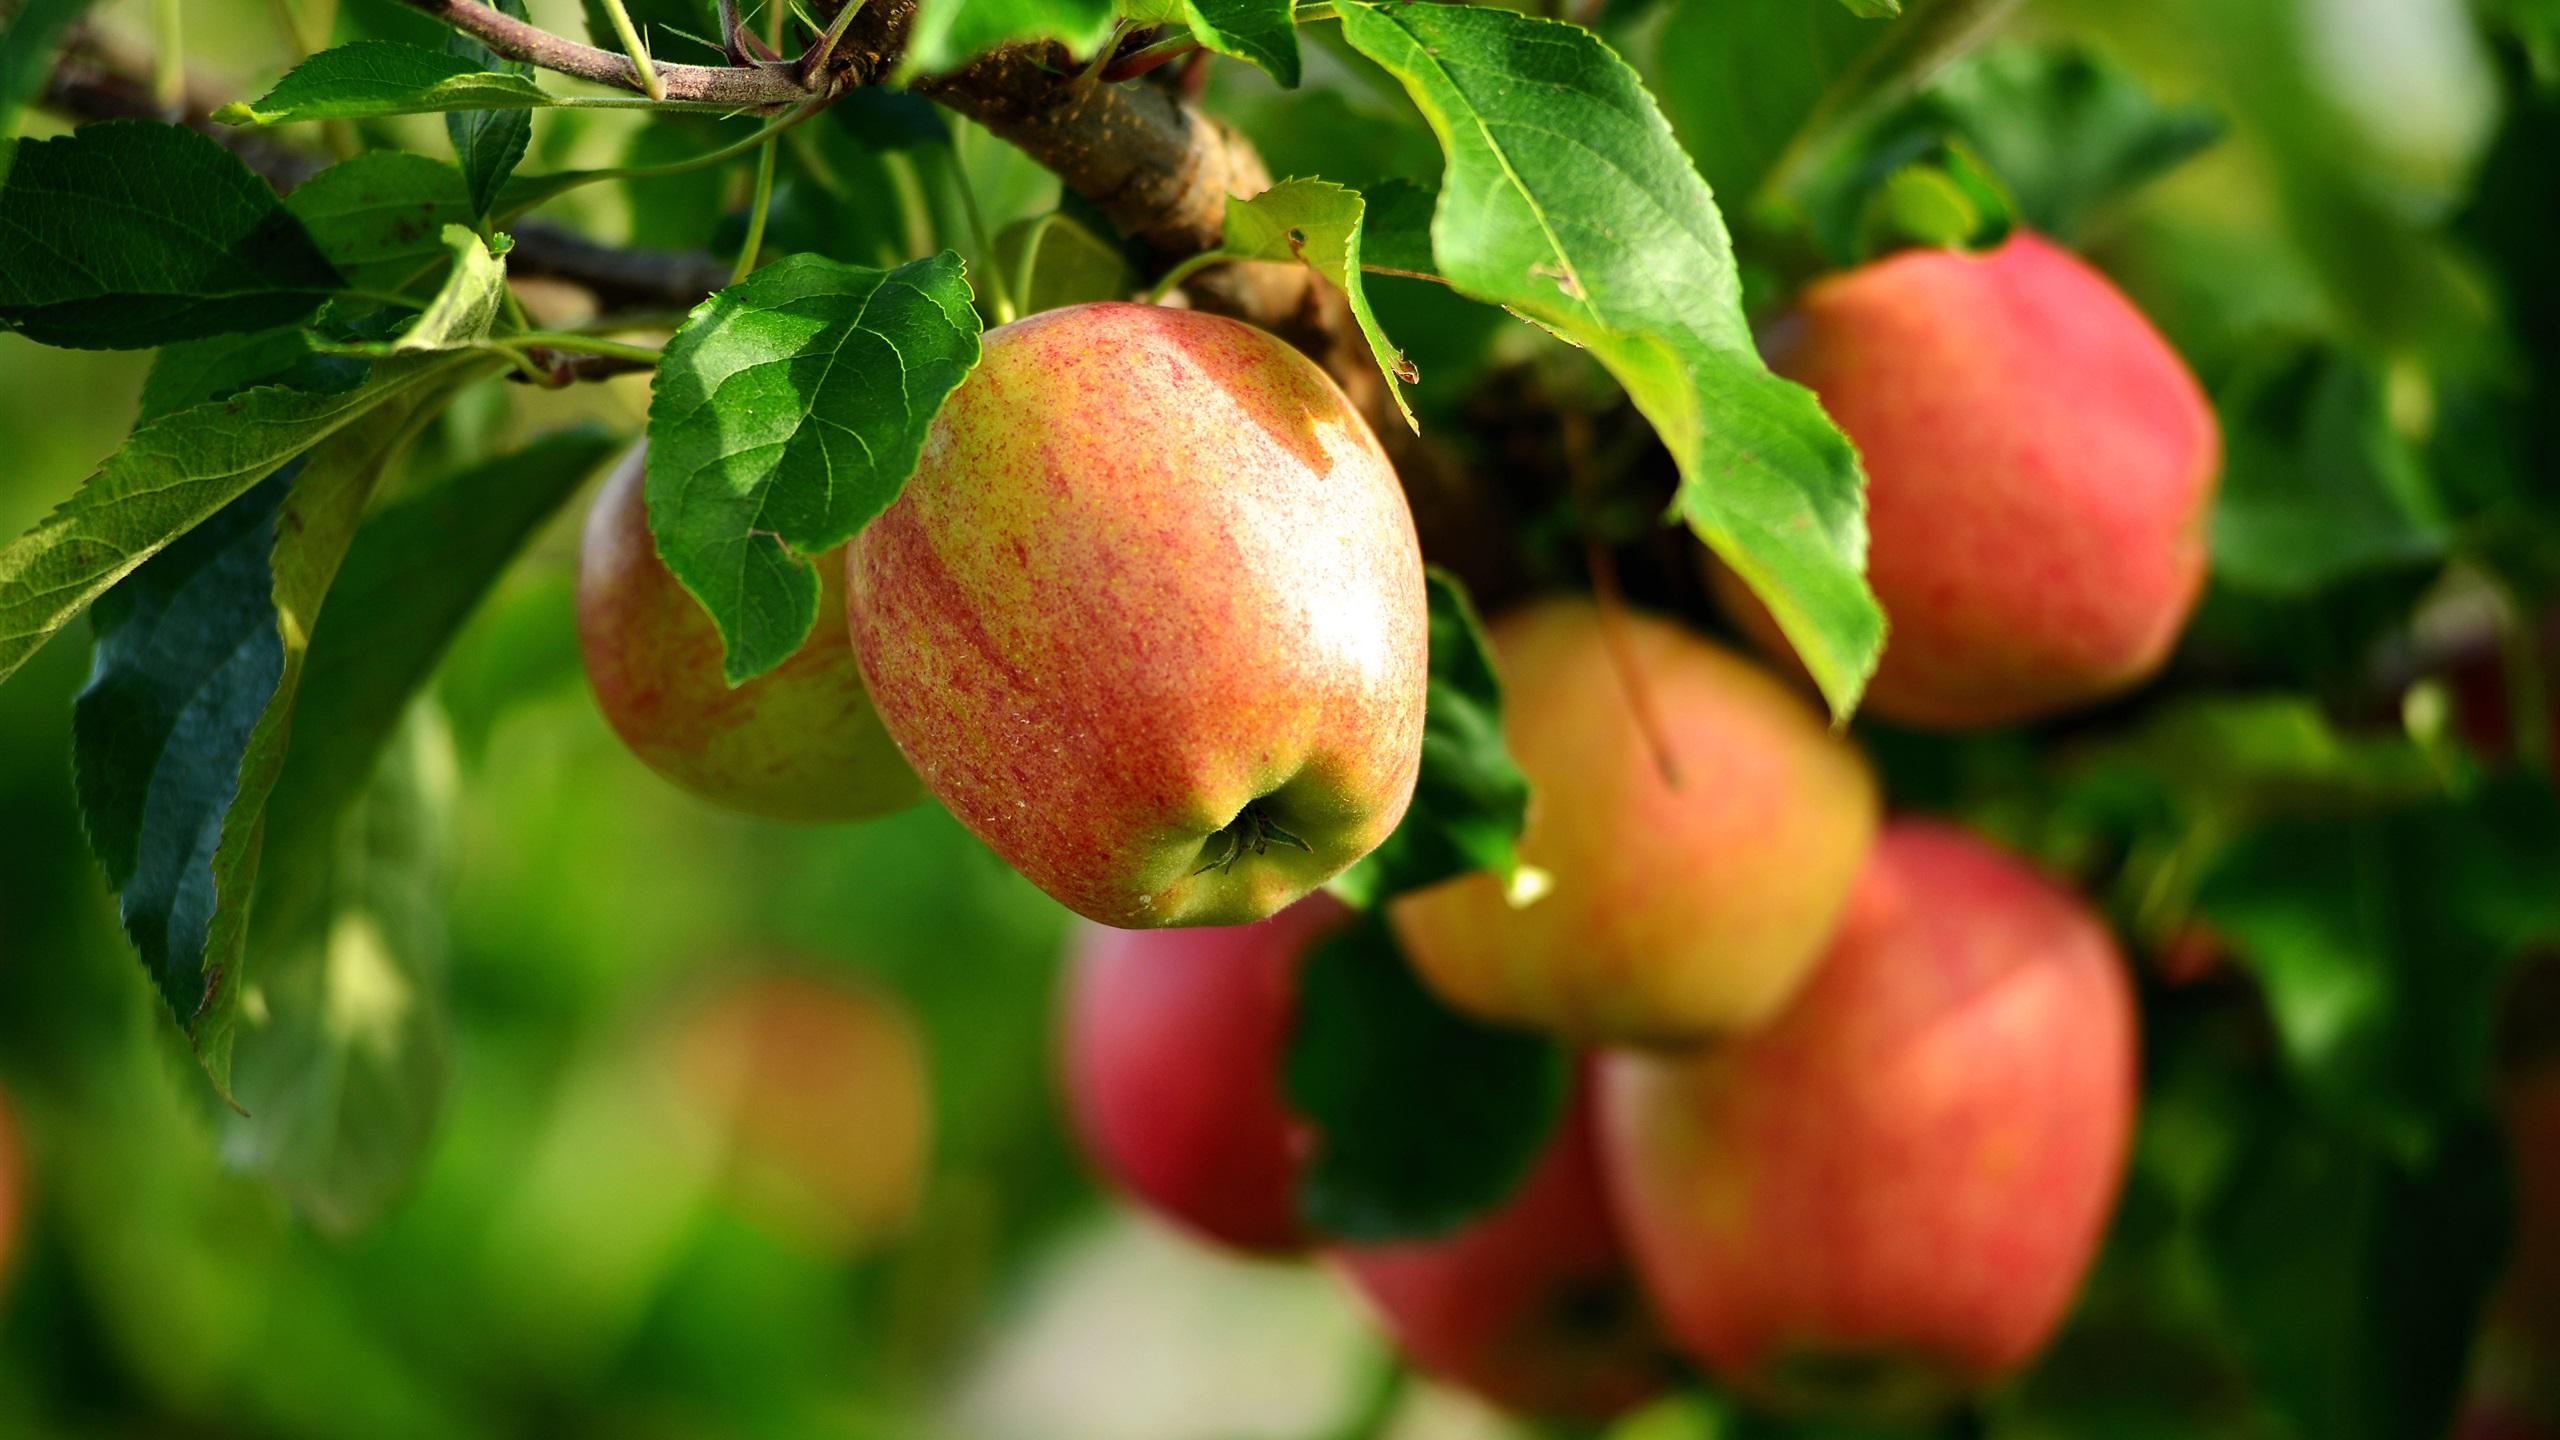 отпуск яблоки в саду фото обои разной